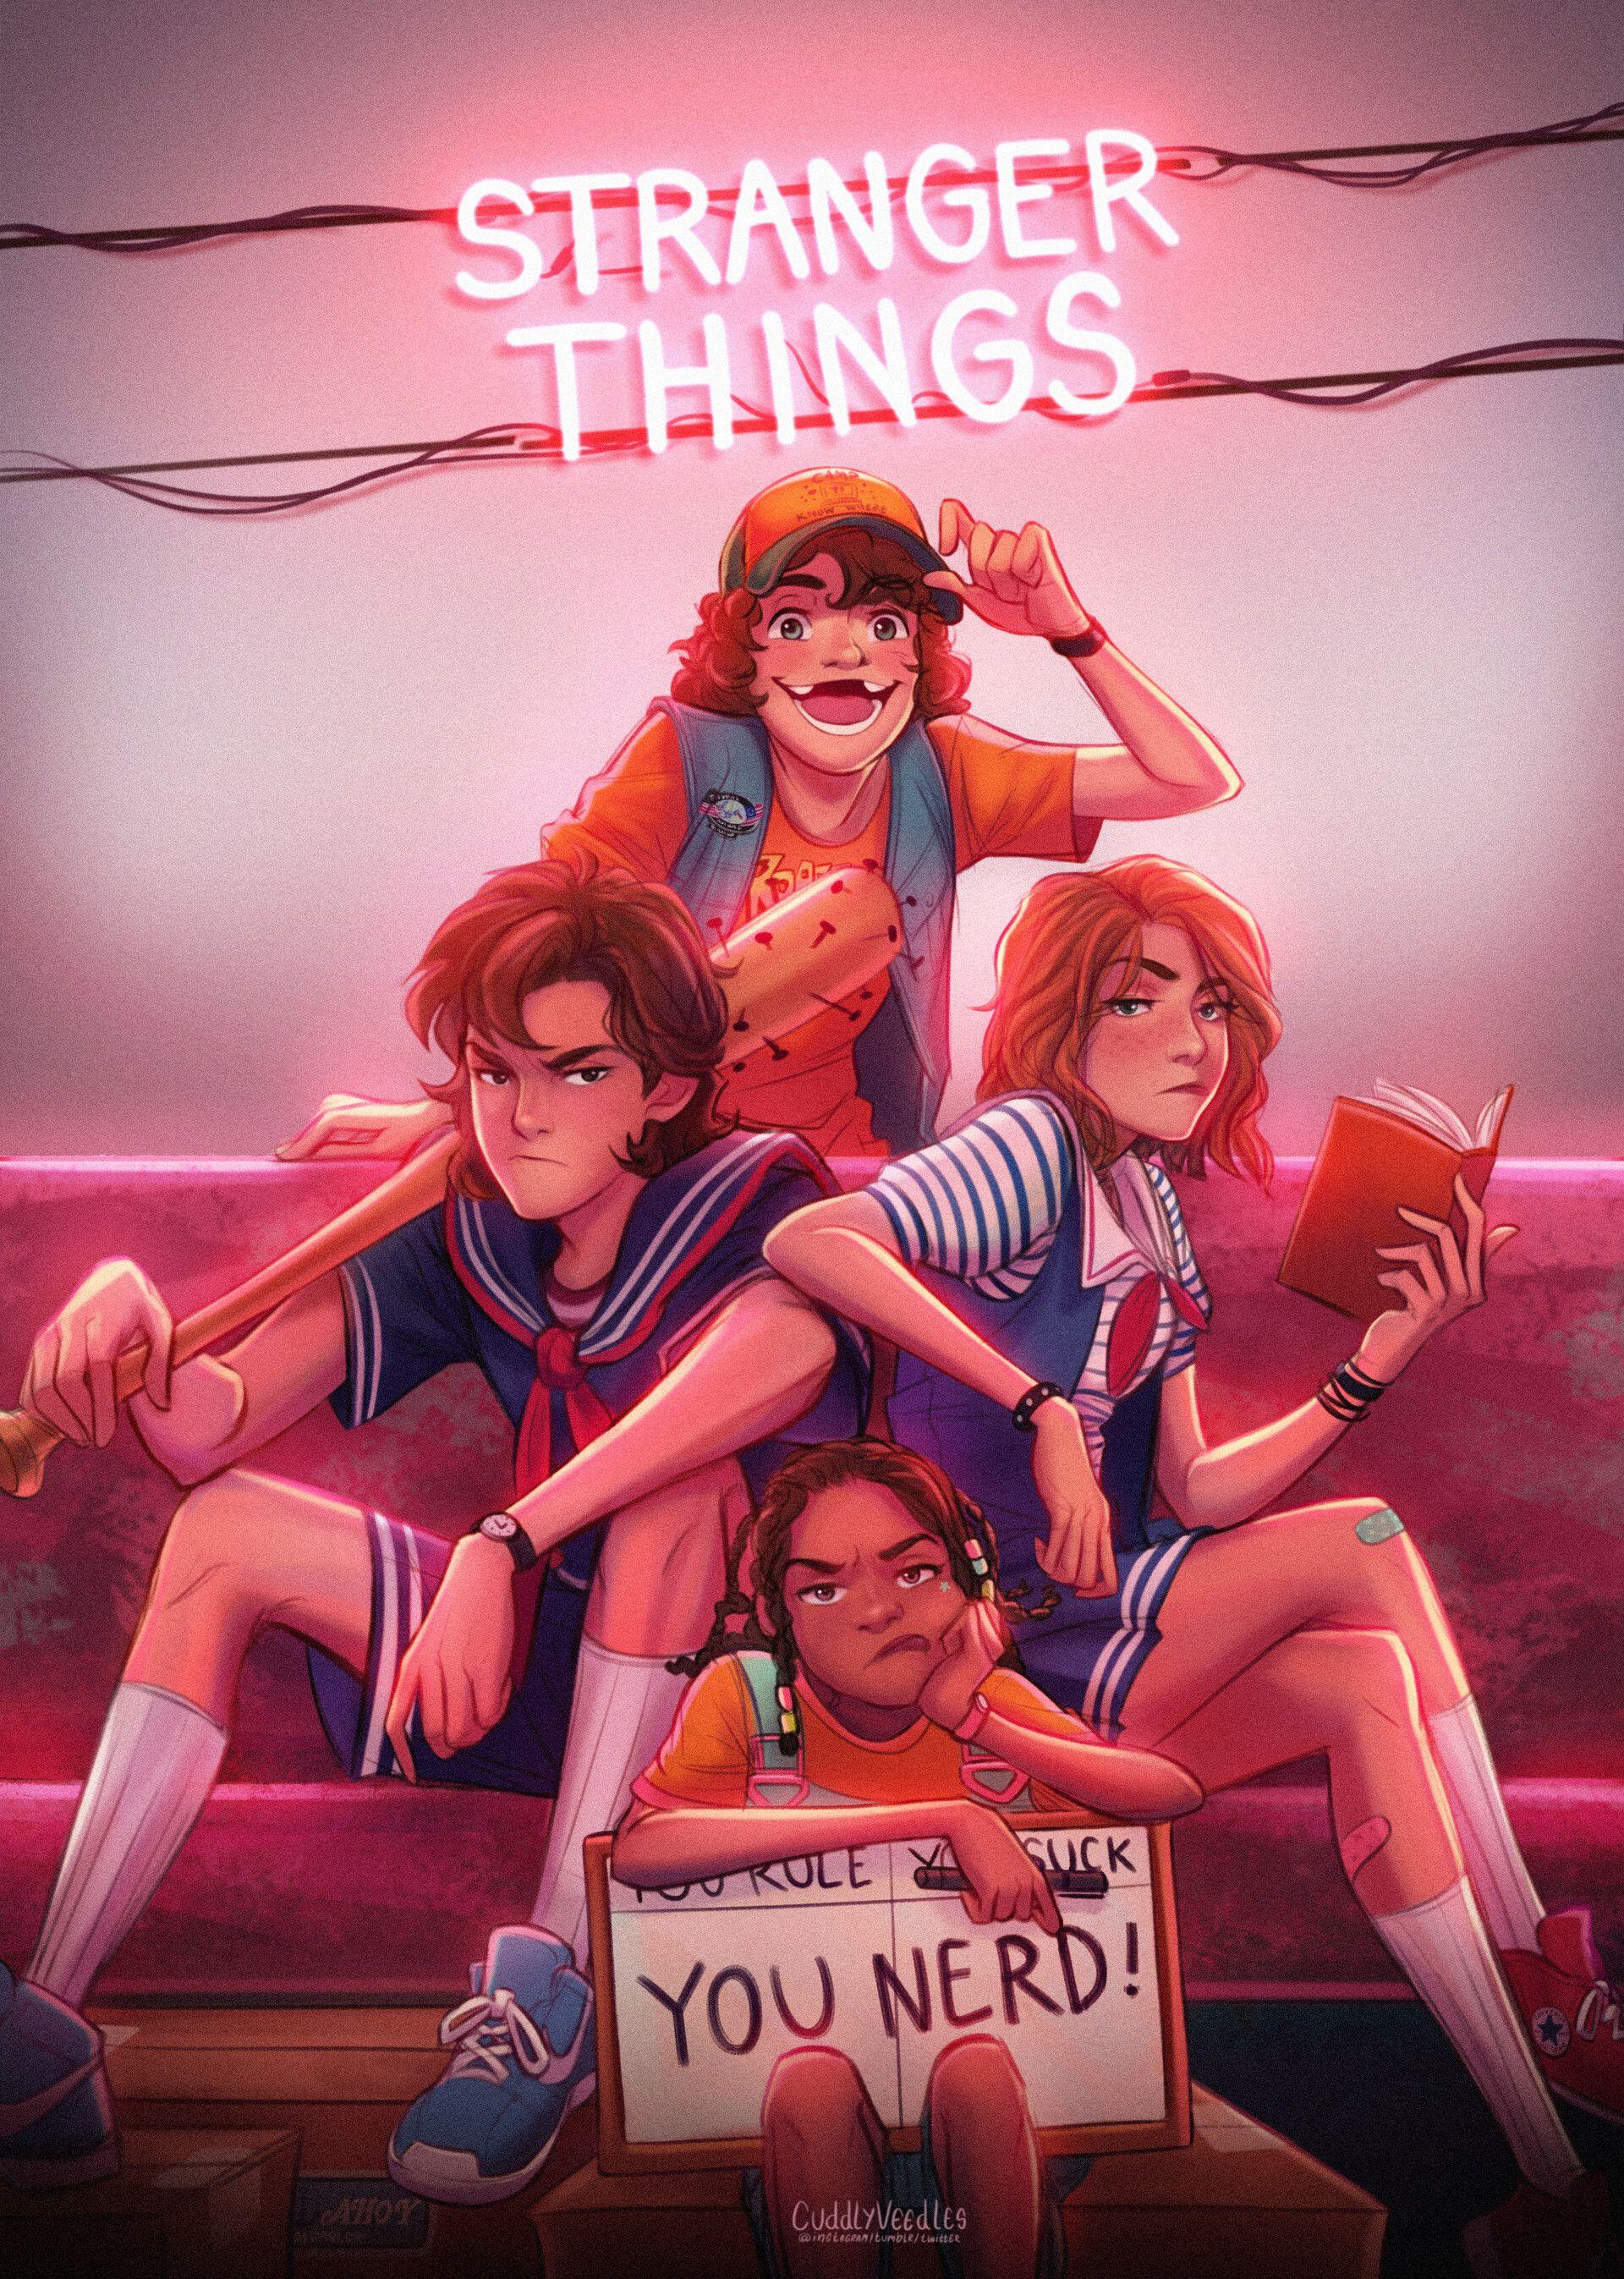 Stranger Things 3 : Scoops Troop #85, Veedles